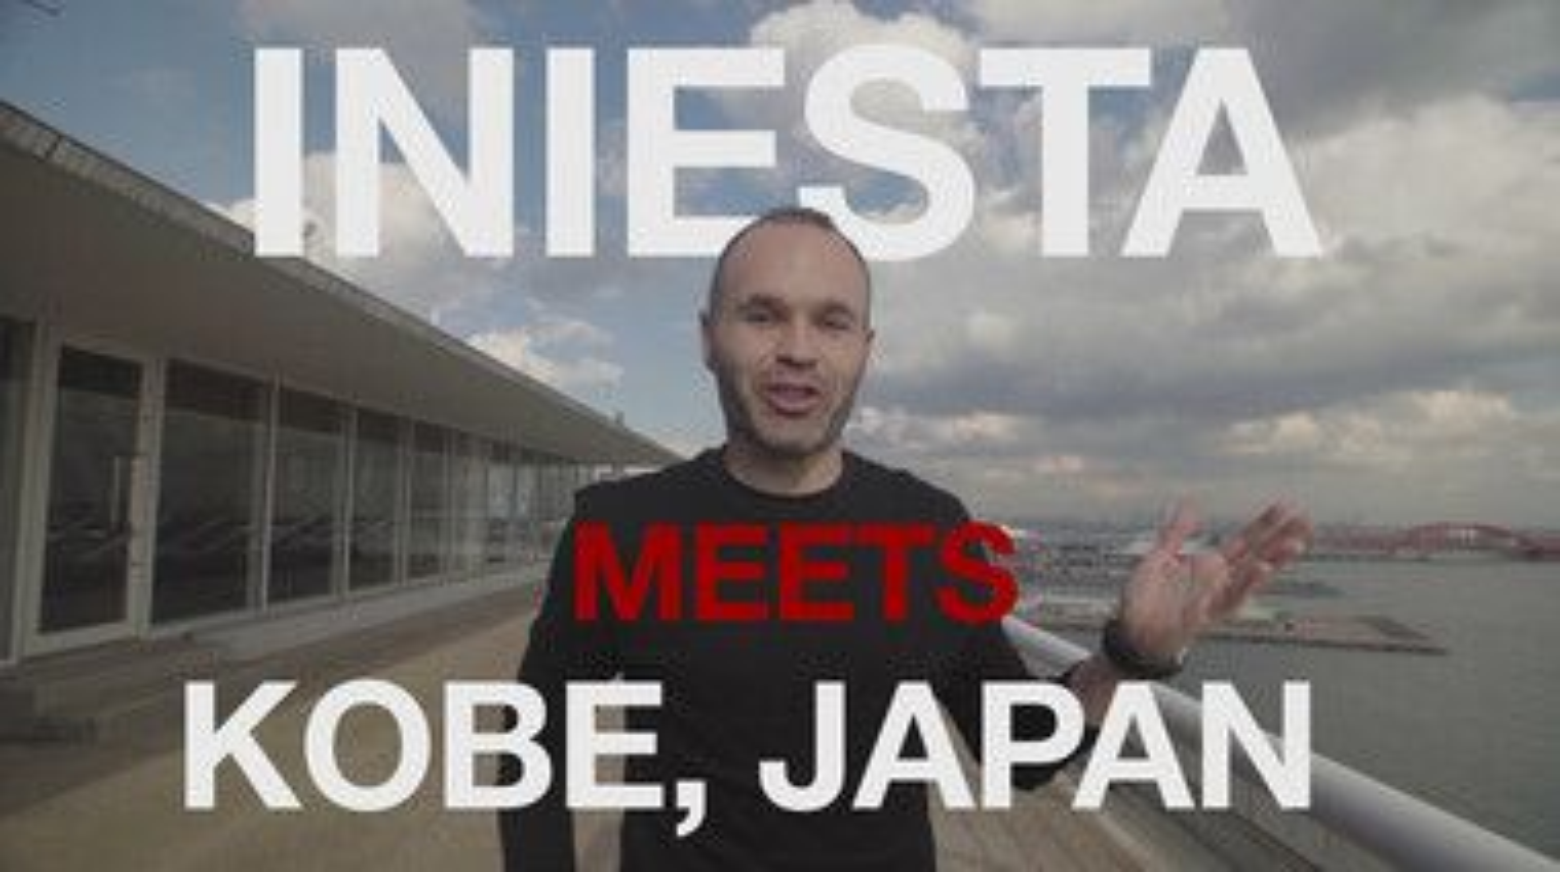 Iniesta TV: Discover Japan Episode 9: Iniesta Meets Kobe, Japan